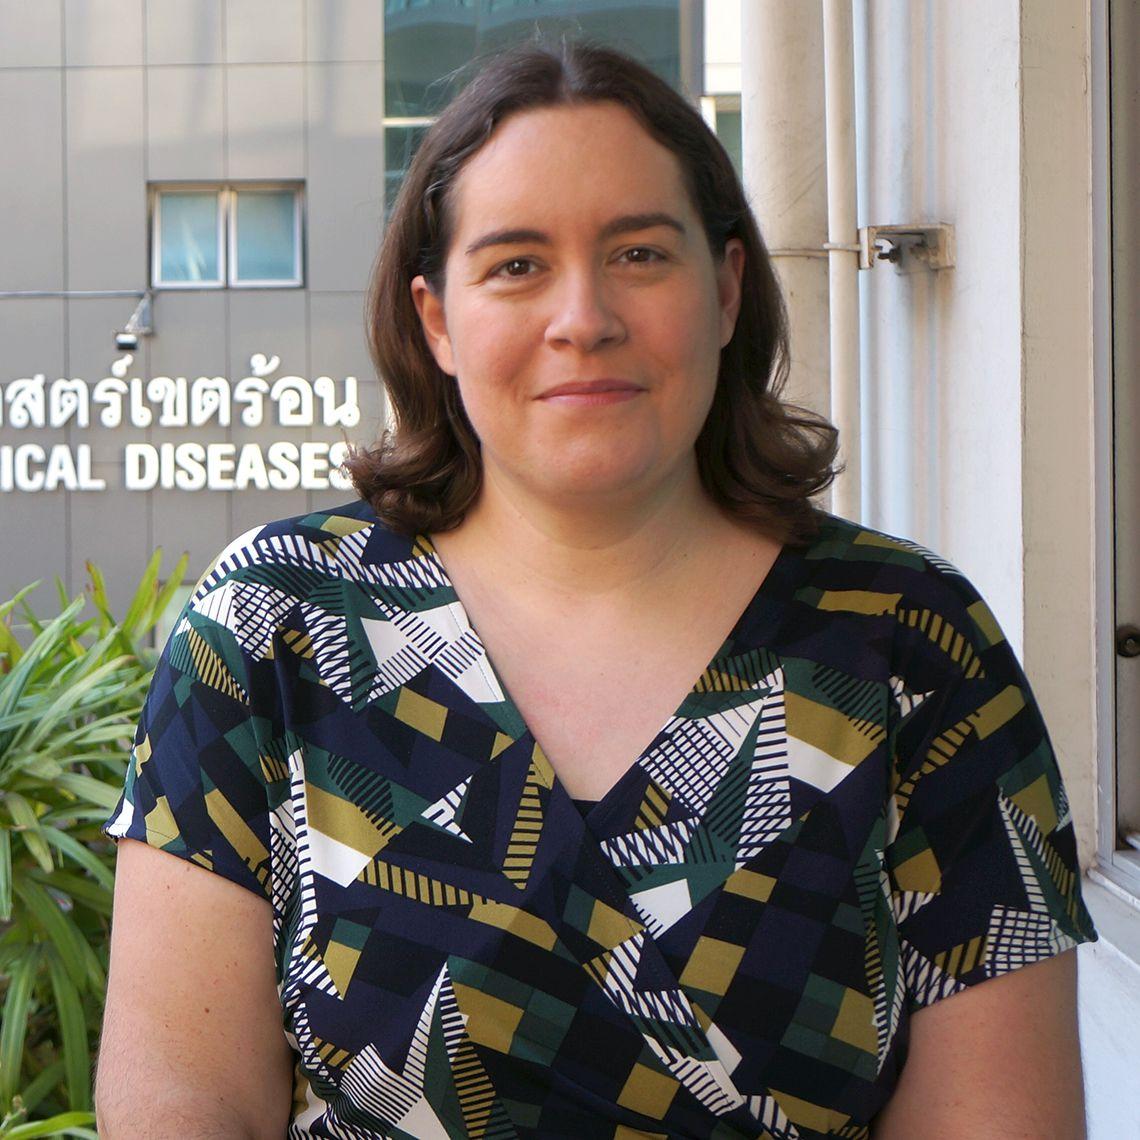 Dr Elizabeth Batty